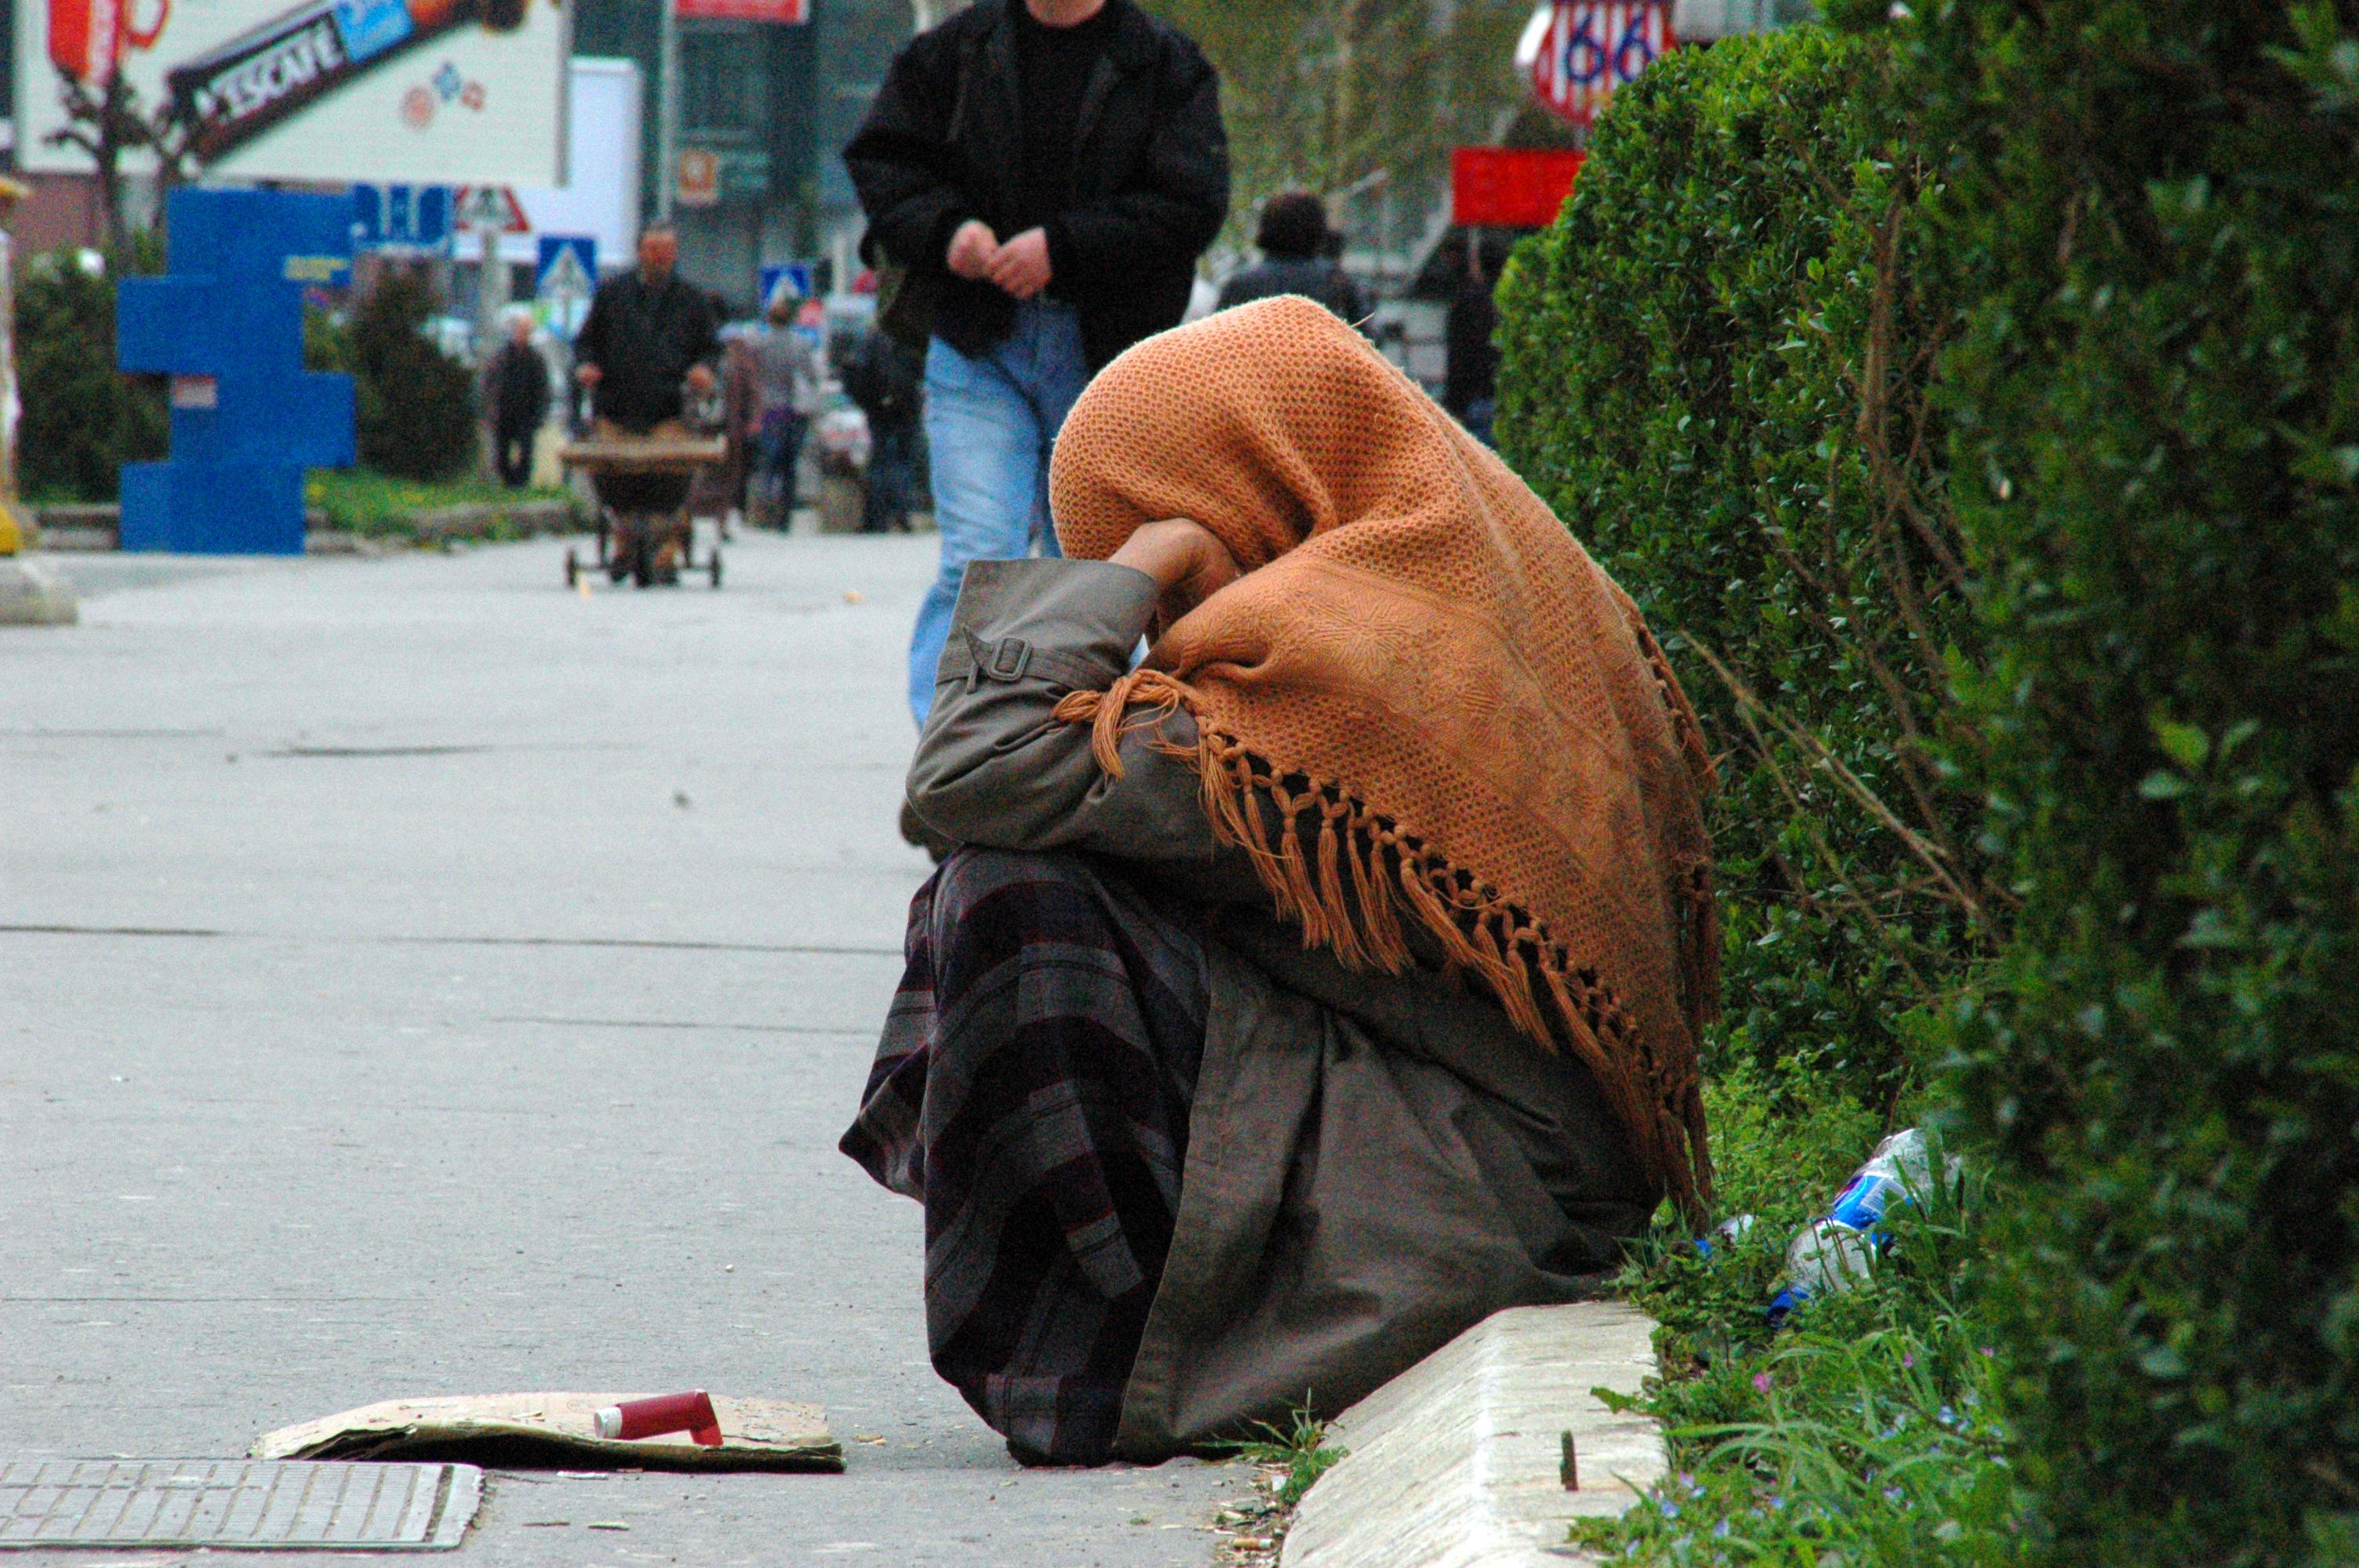 Bettlerin in Priština. Rund ein Drittel der Bevölkerung des Kosovo kommt am Tag mit weniger als 1,37 € aus.